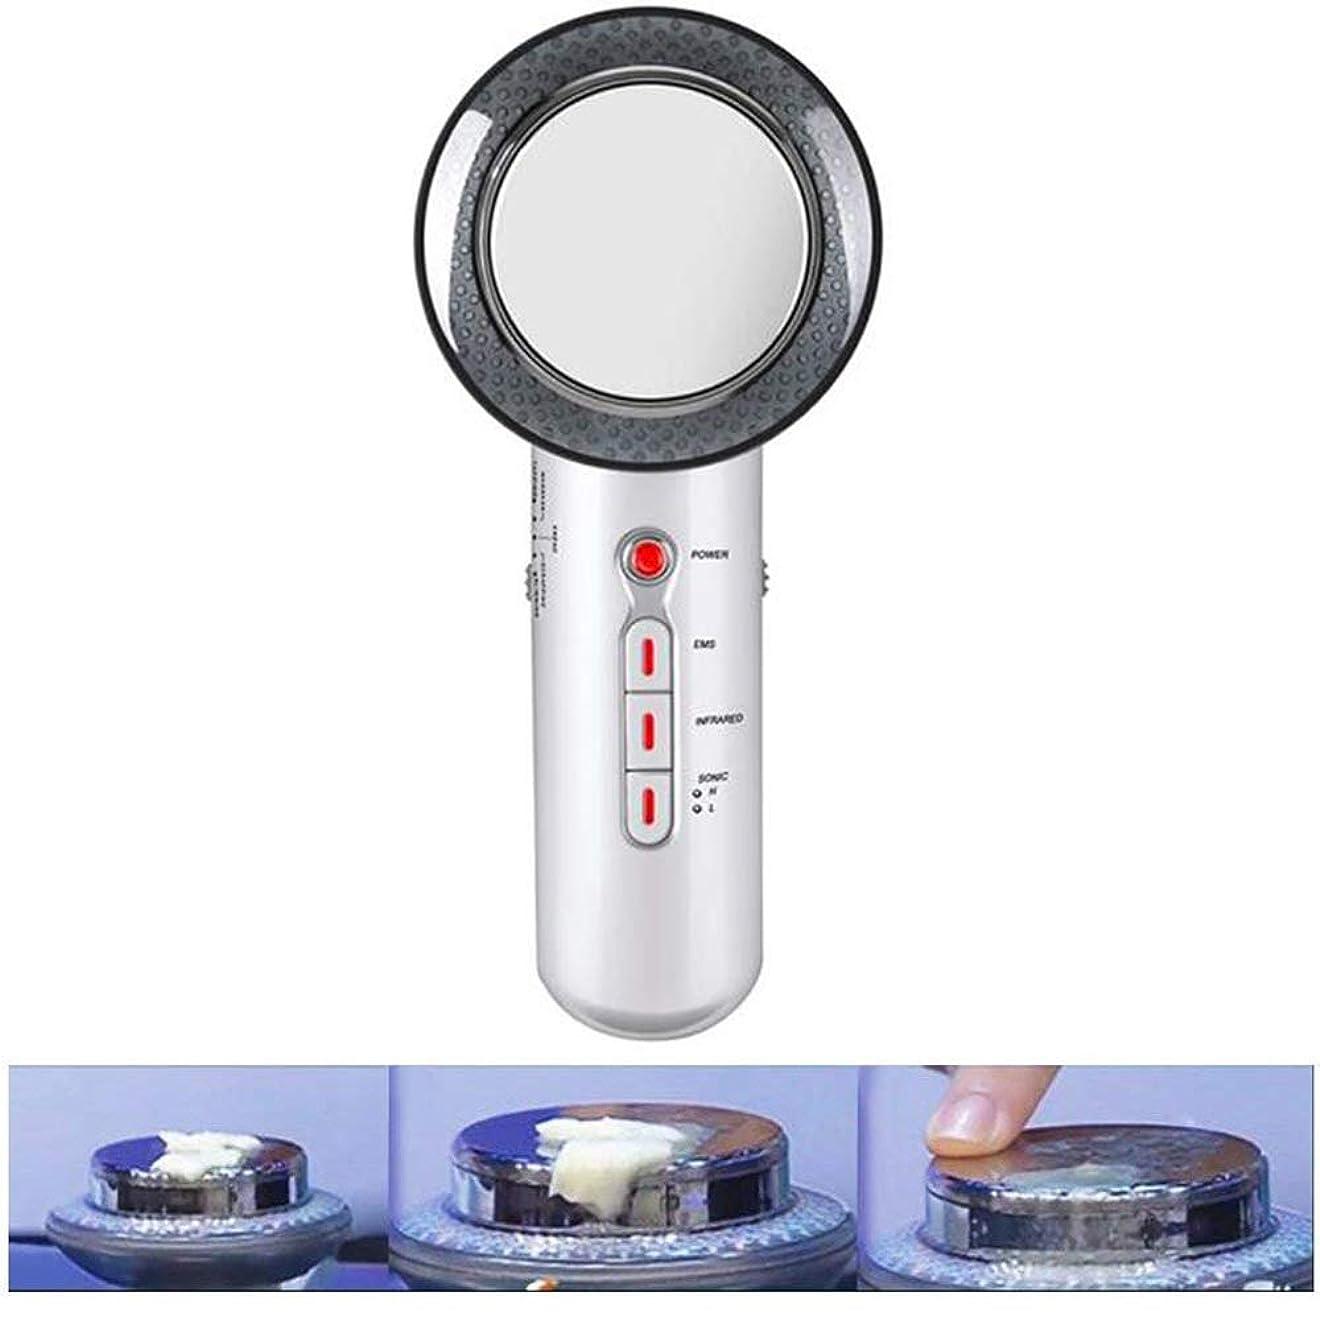 超音波キャビテーションEms振動赤外線美容ボディスリミングマッサージ光線療法セルライト脂肪除去脂肪損失重量損失デバイス損失損失,EUPlug